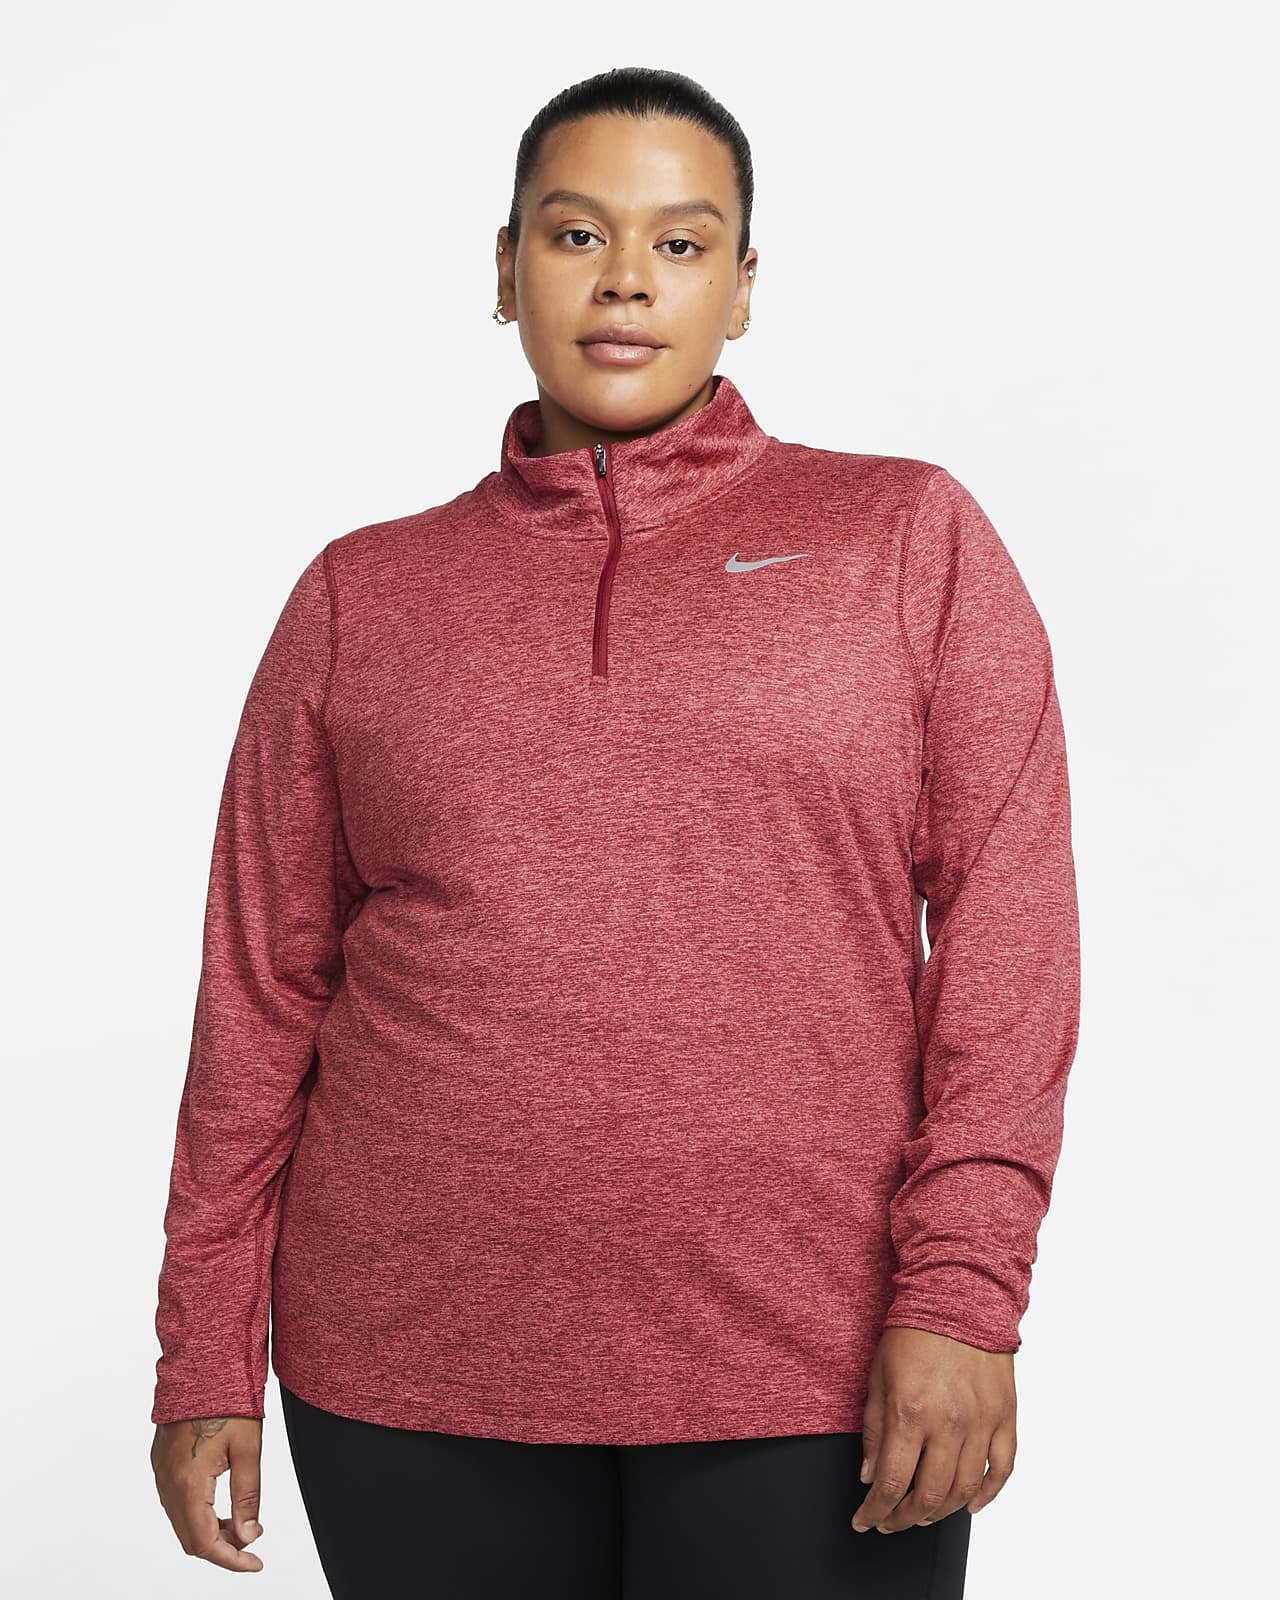 Nike Hardlooptop met halflange rits voor dames (Plus Size)